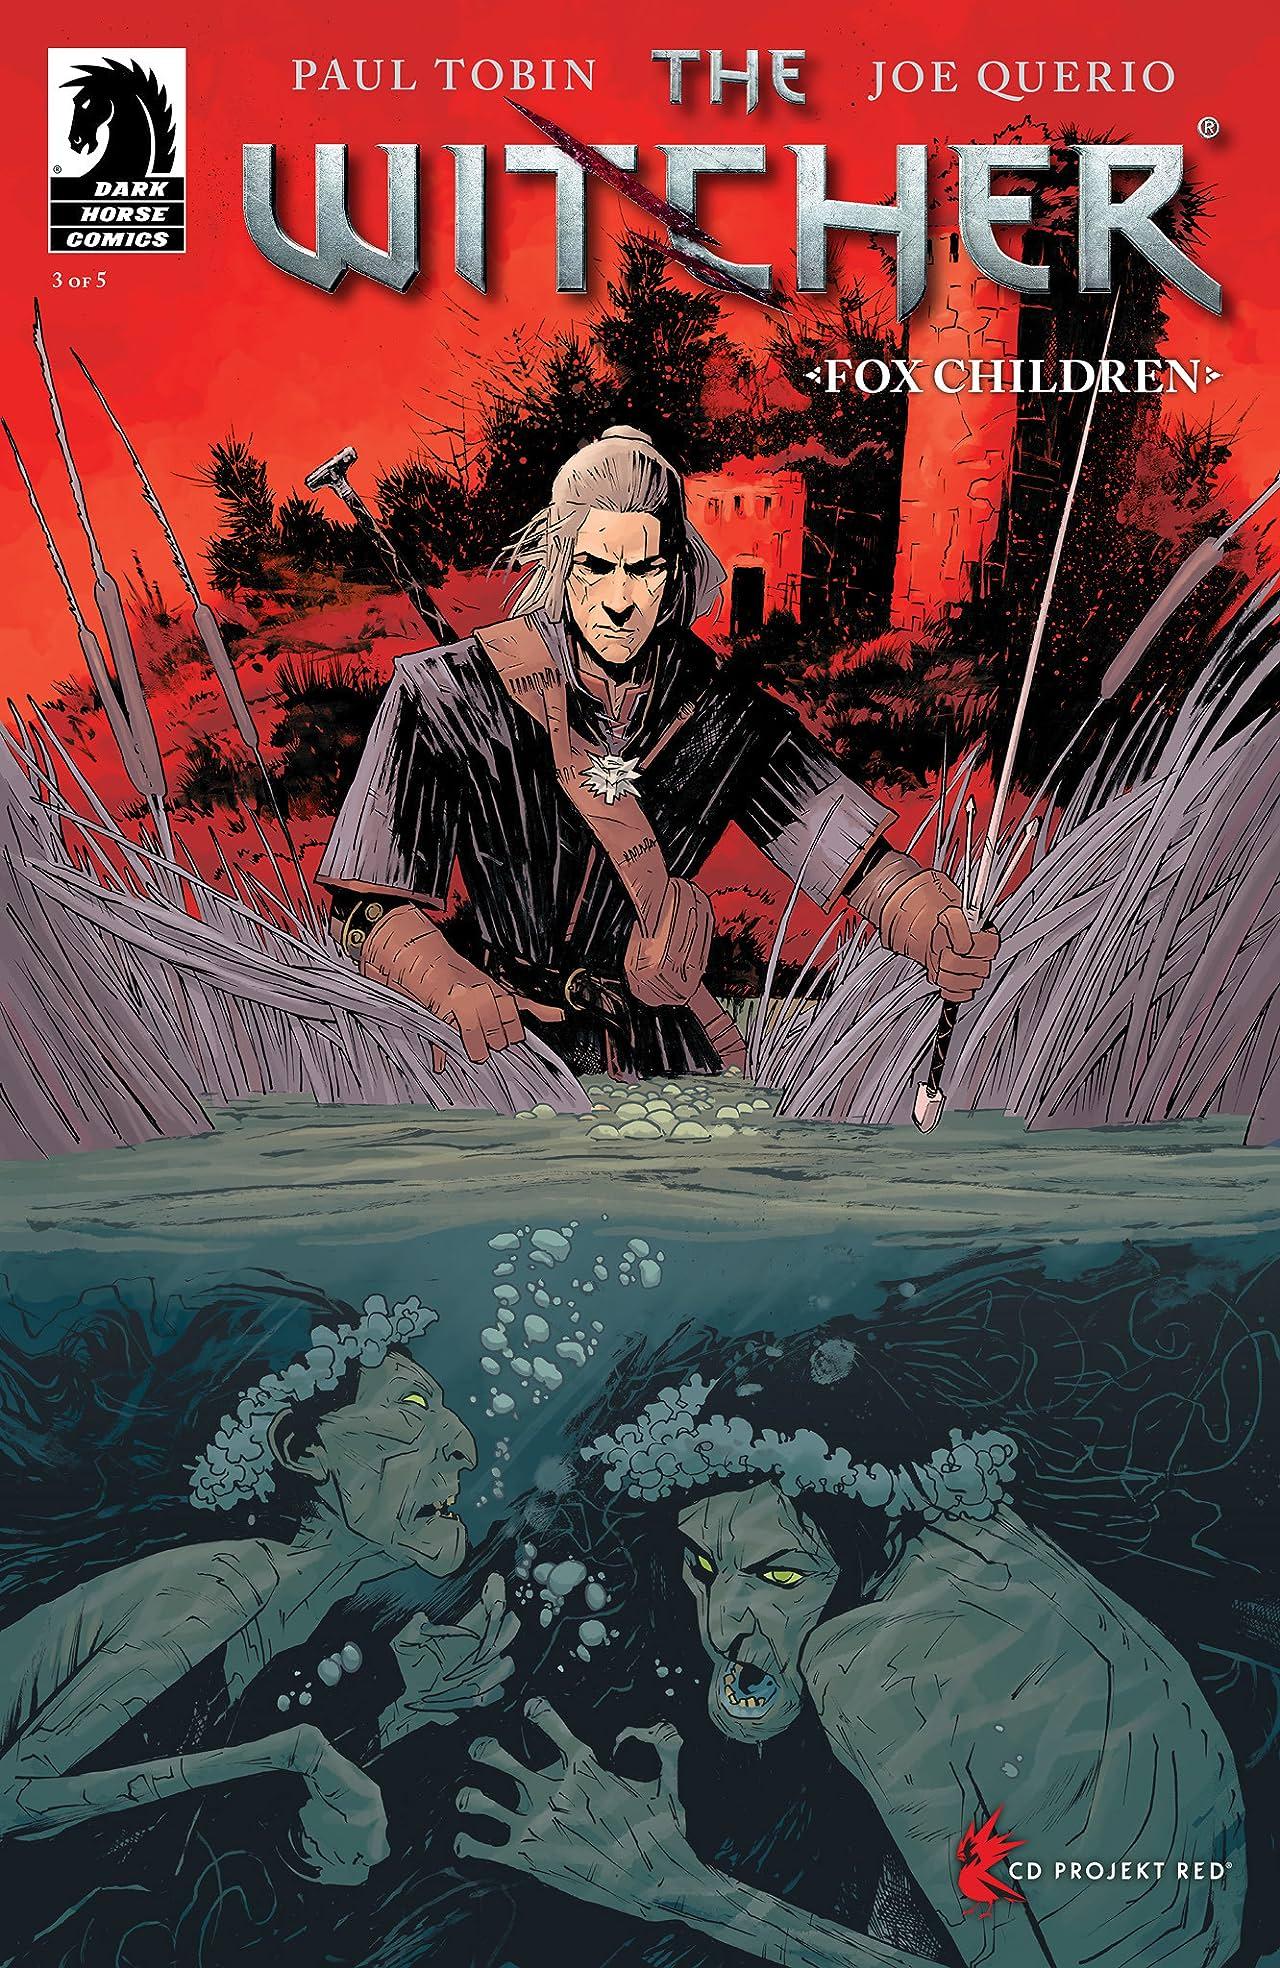 The Witcher: Fox Children No.3